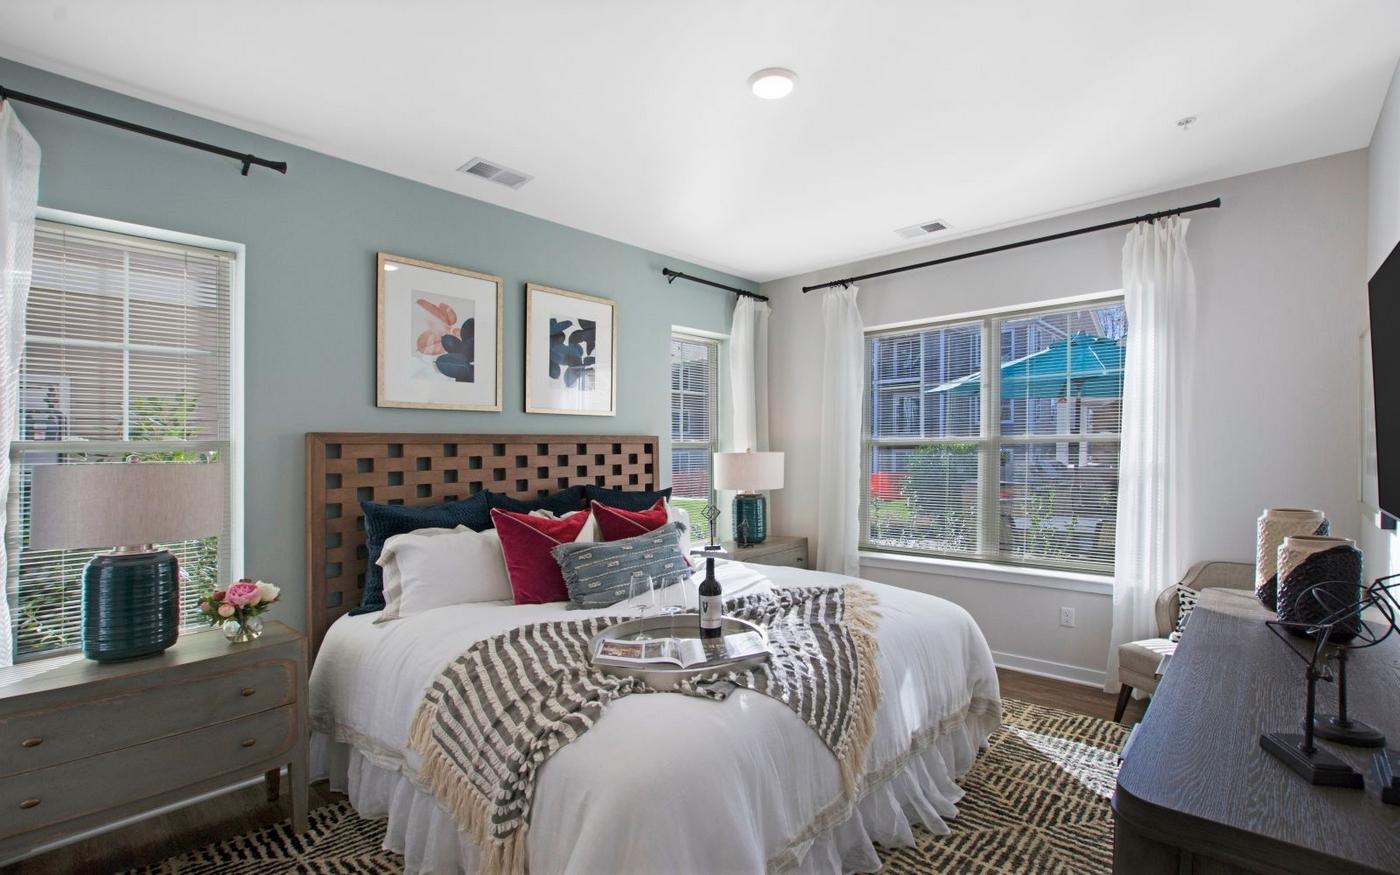 Interior image of bedroom with bedroom floor plans